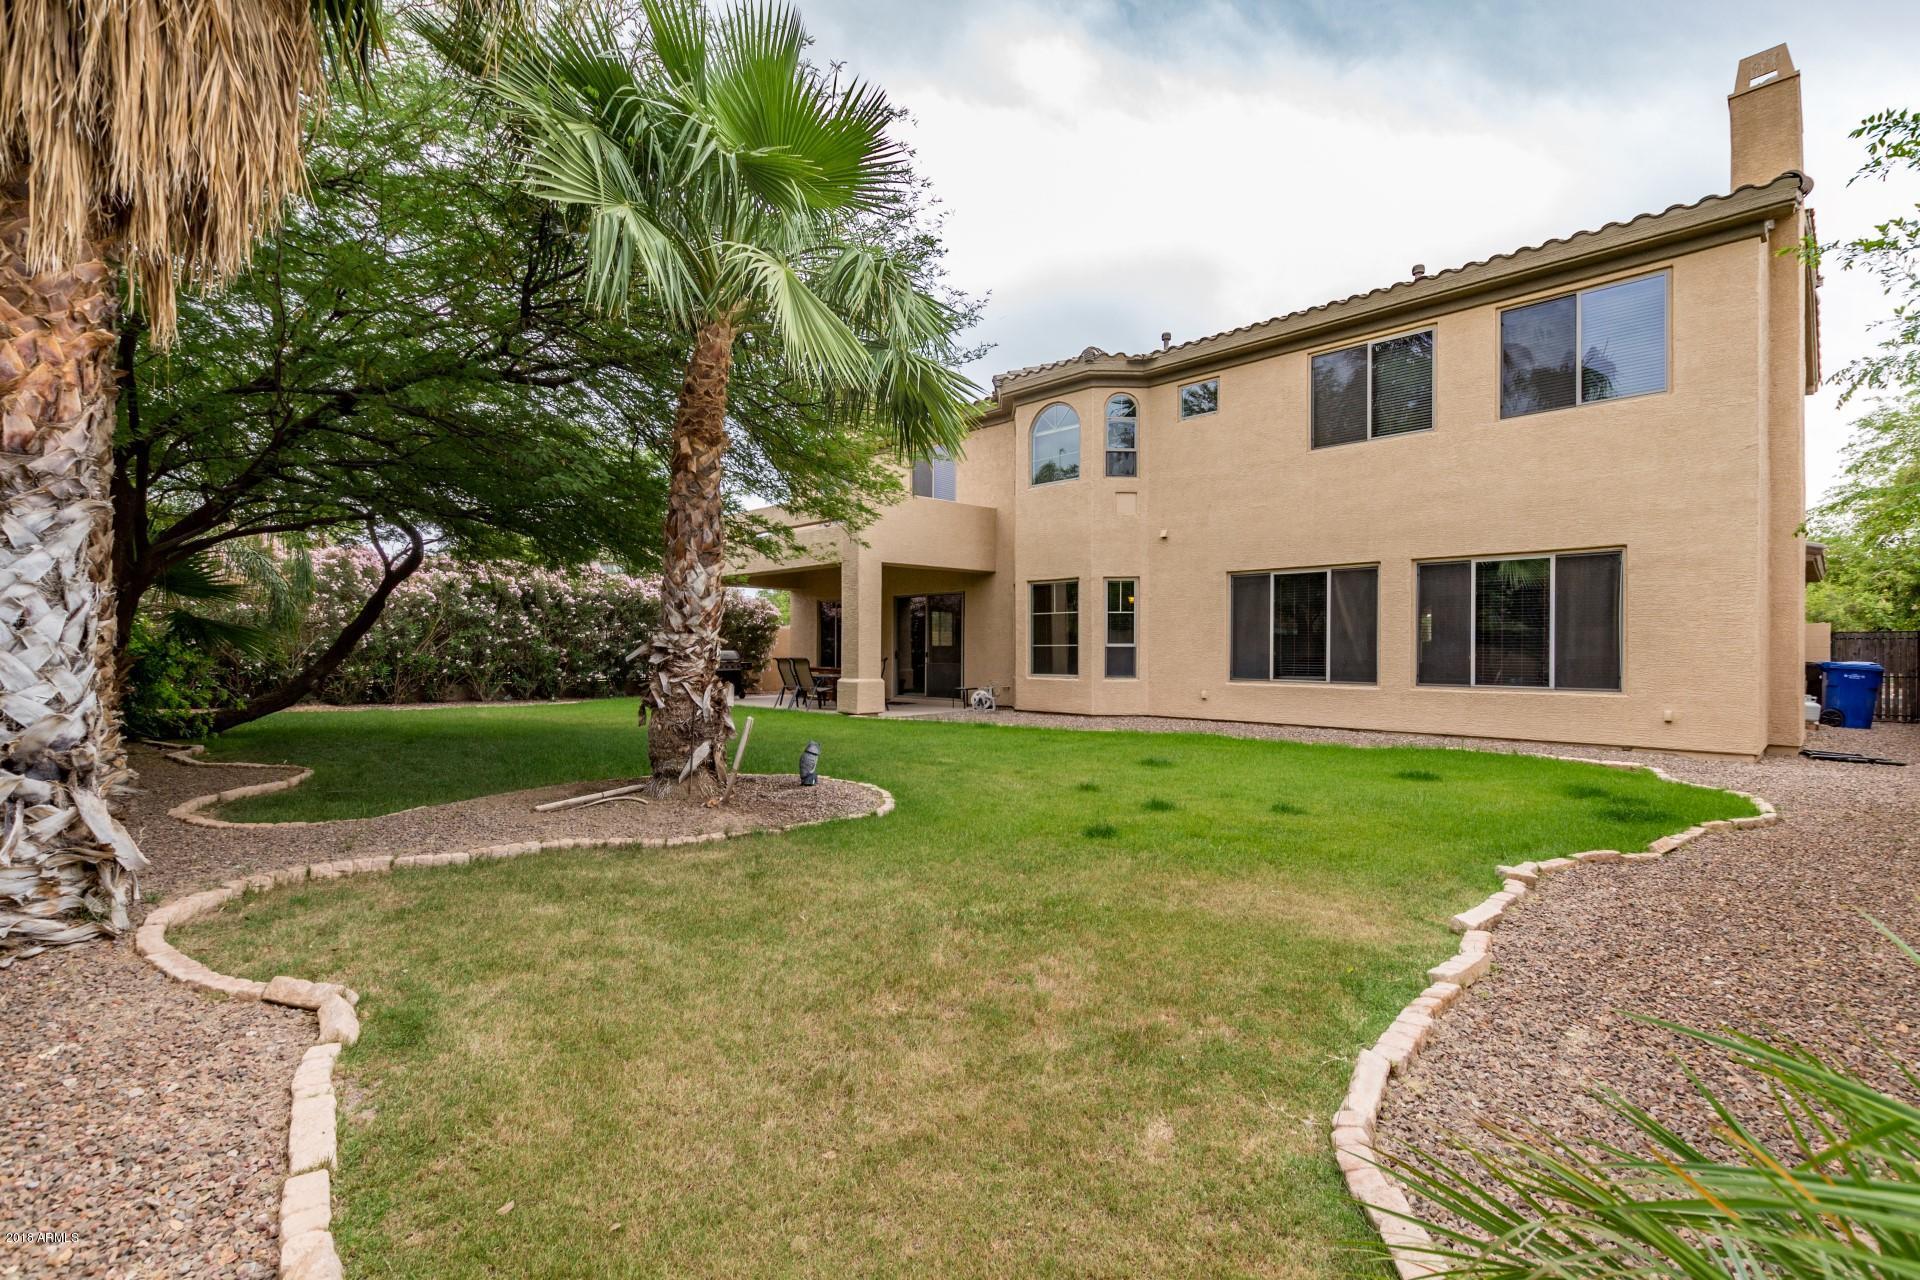 MLS 5814846 4728 E RUFFIAN Road, Gilbert, AZ 85297 Power Ranch